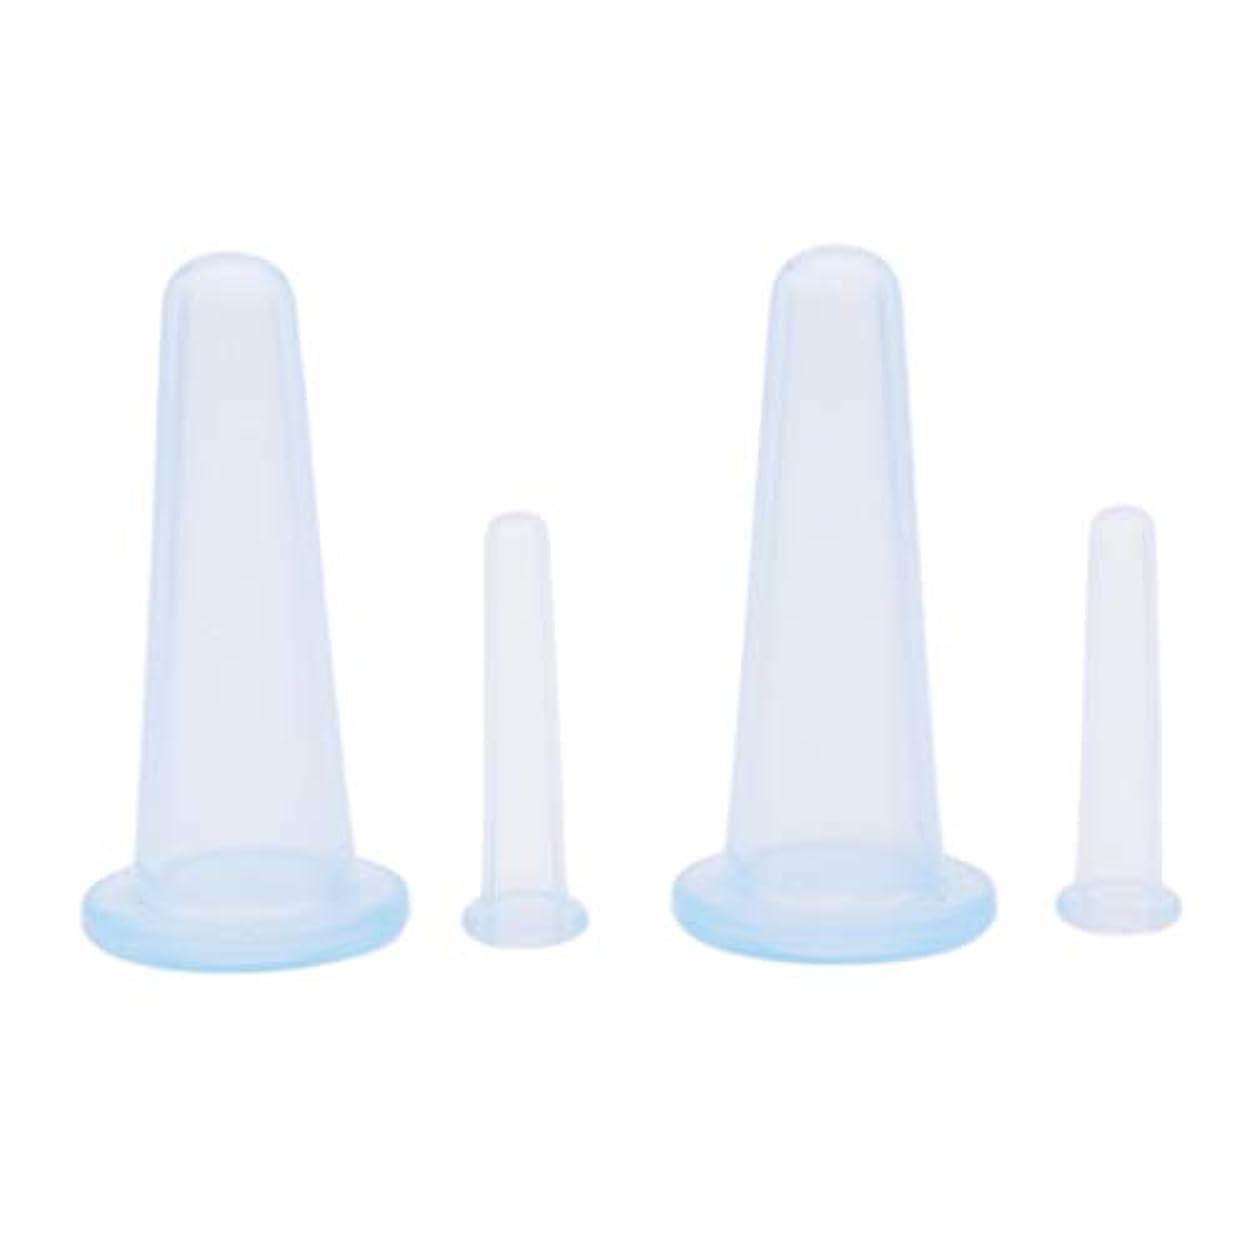 費やす周術期油JIOLK 吸玉 真空 カッピング シリコン 血流促進 4個セット マッサージカップ カッピングカップセット ネック 顔 吸圧器 疲労軽減